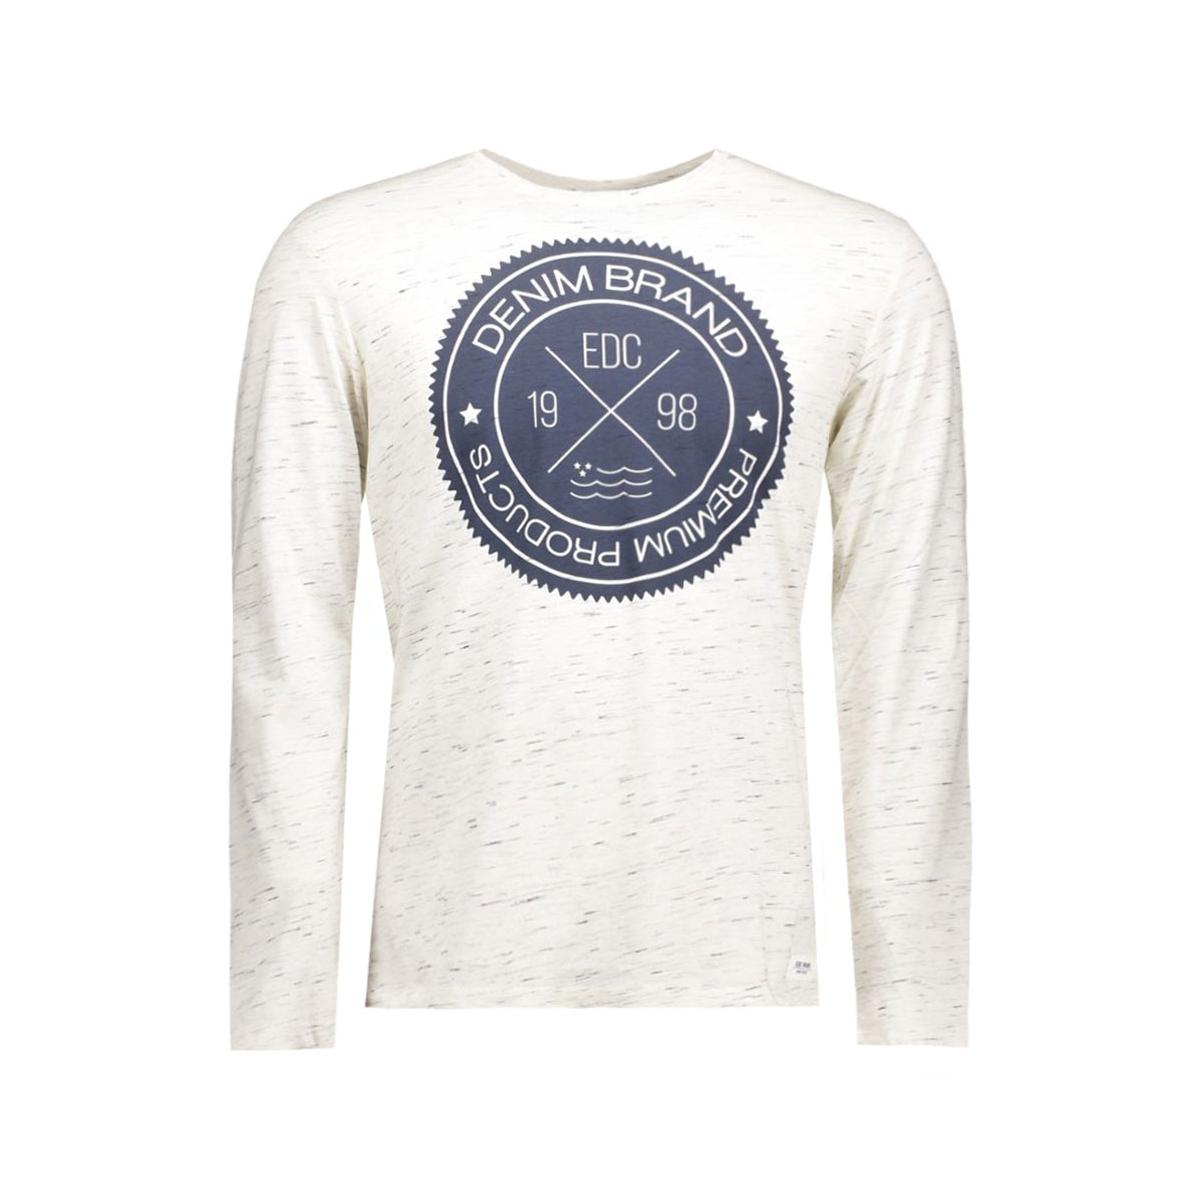 106cc2k001 edc t-shirt c110